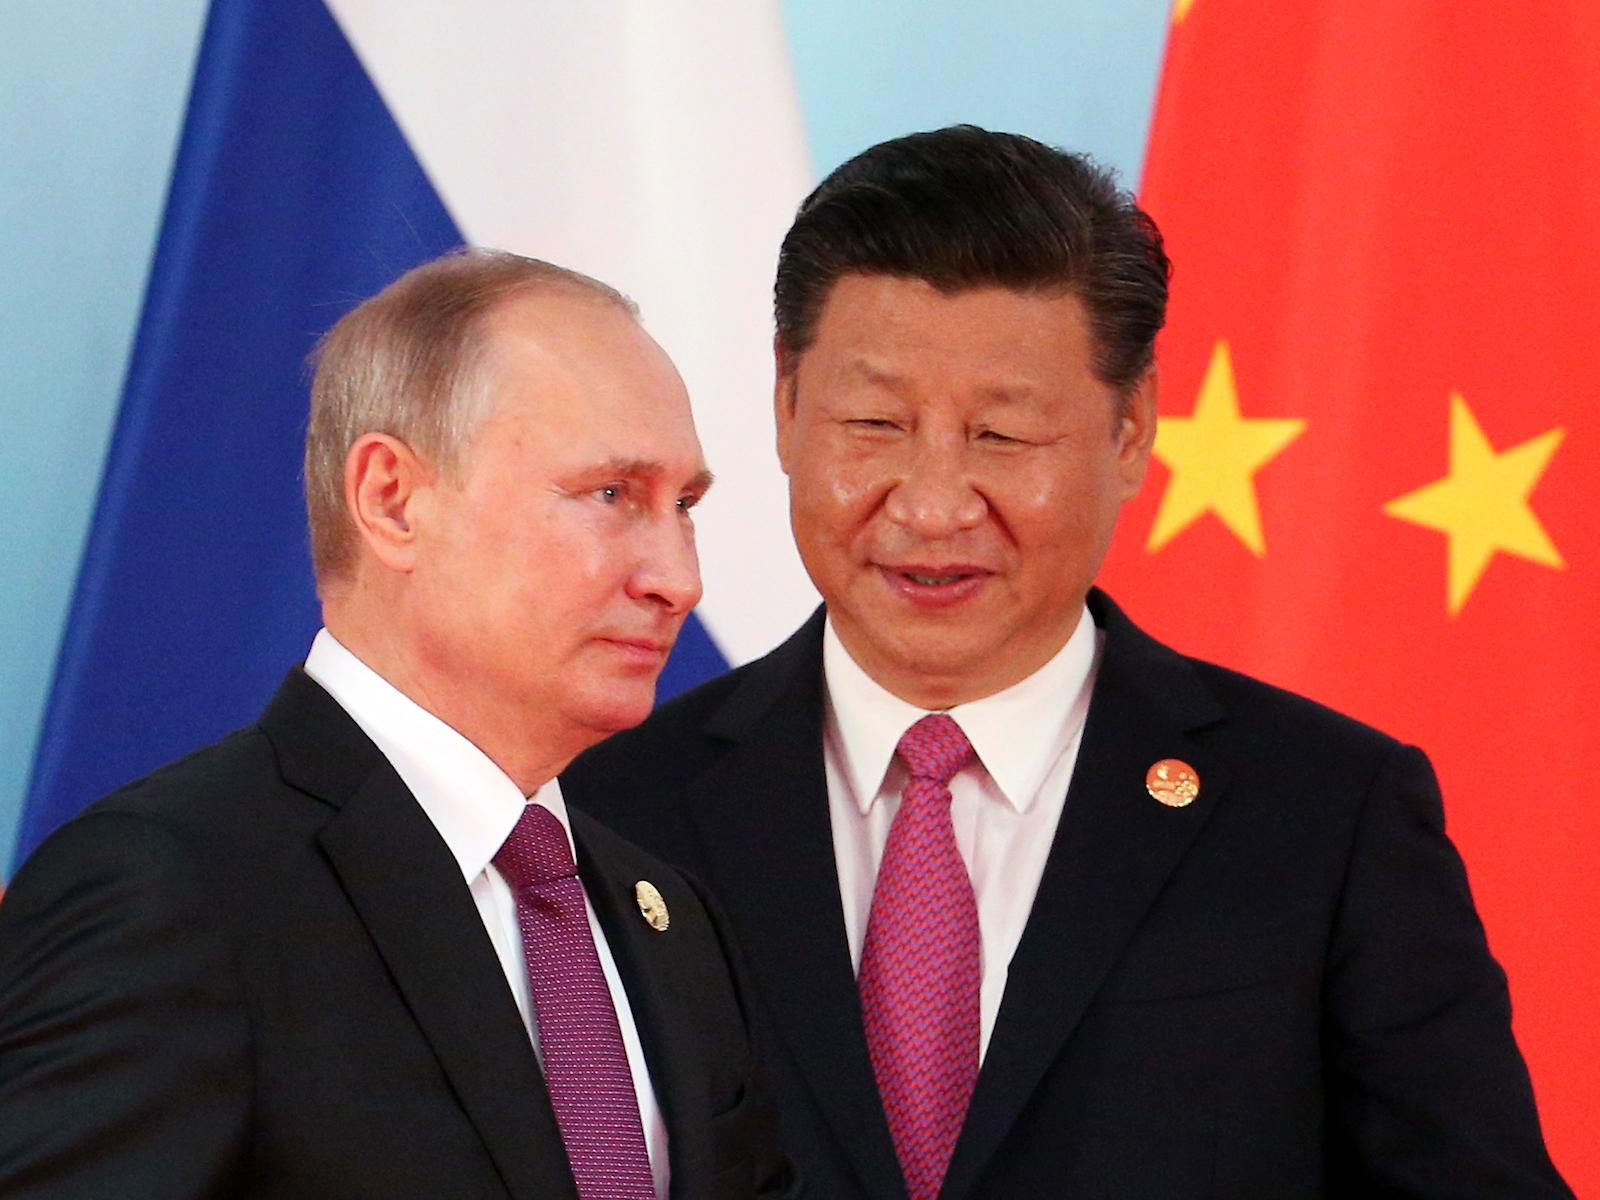 Россия и Китай подписали девять документов о сотрудничестве в культурно-гуманитарной сфере